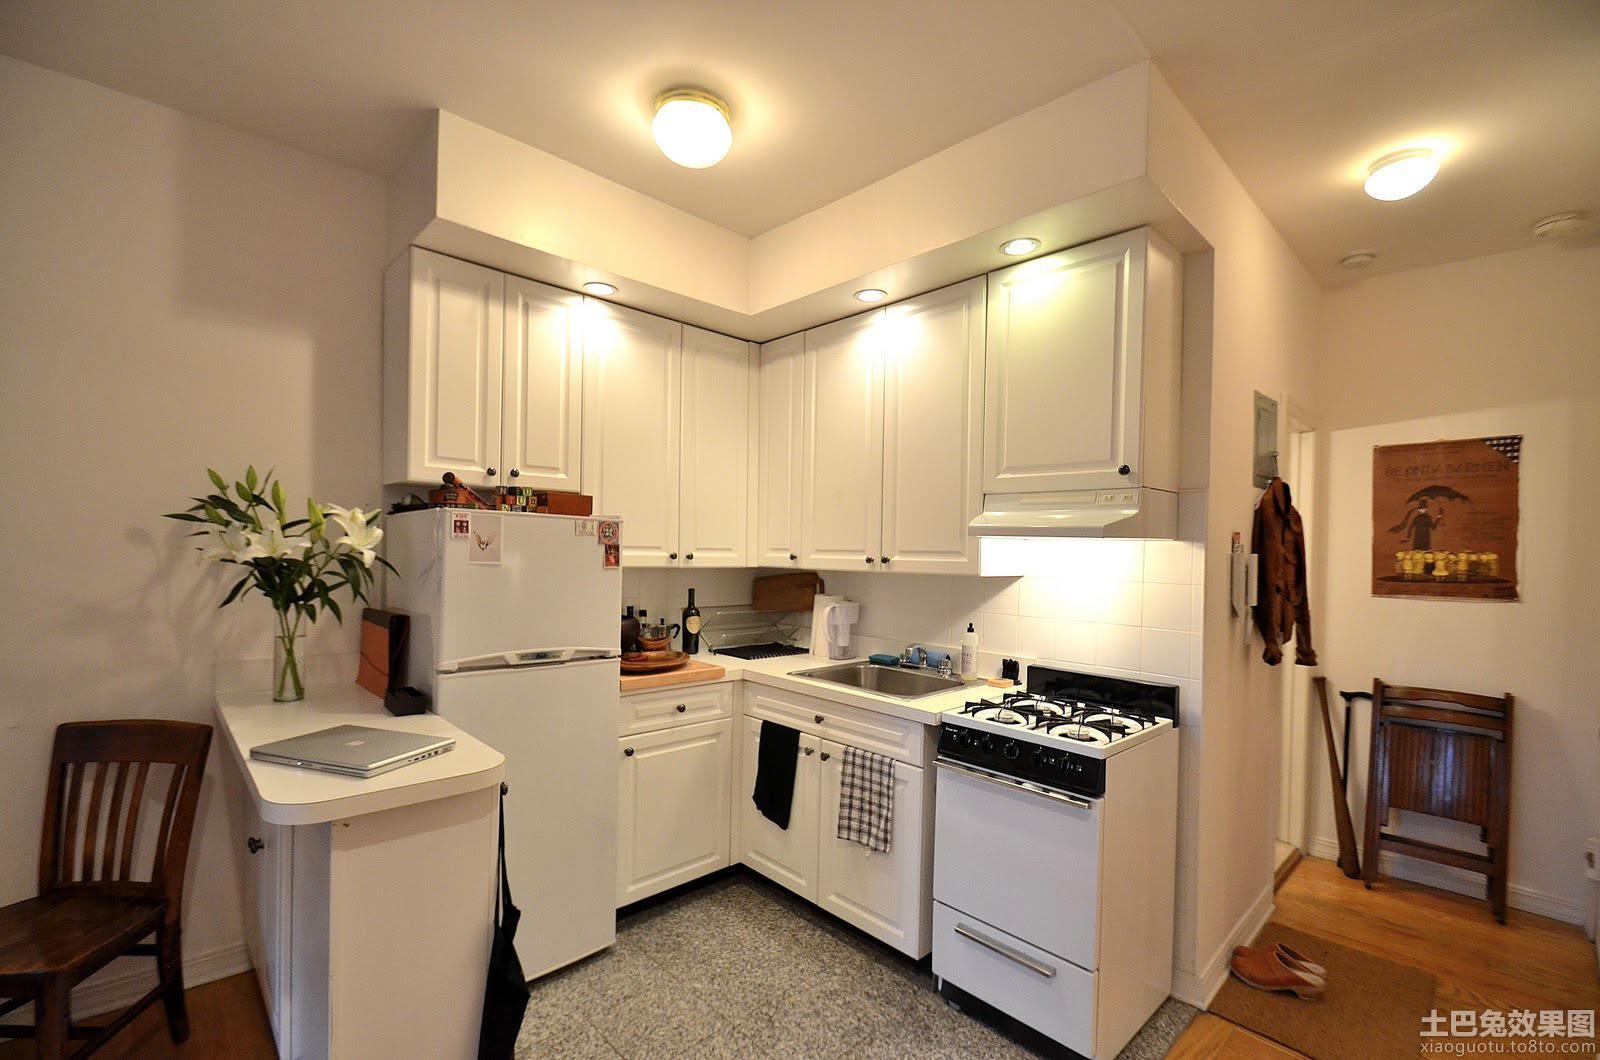 开放式小厨房效果图装修效果图_第2张 - 家居图库图片